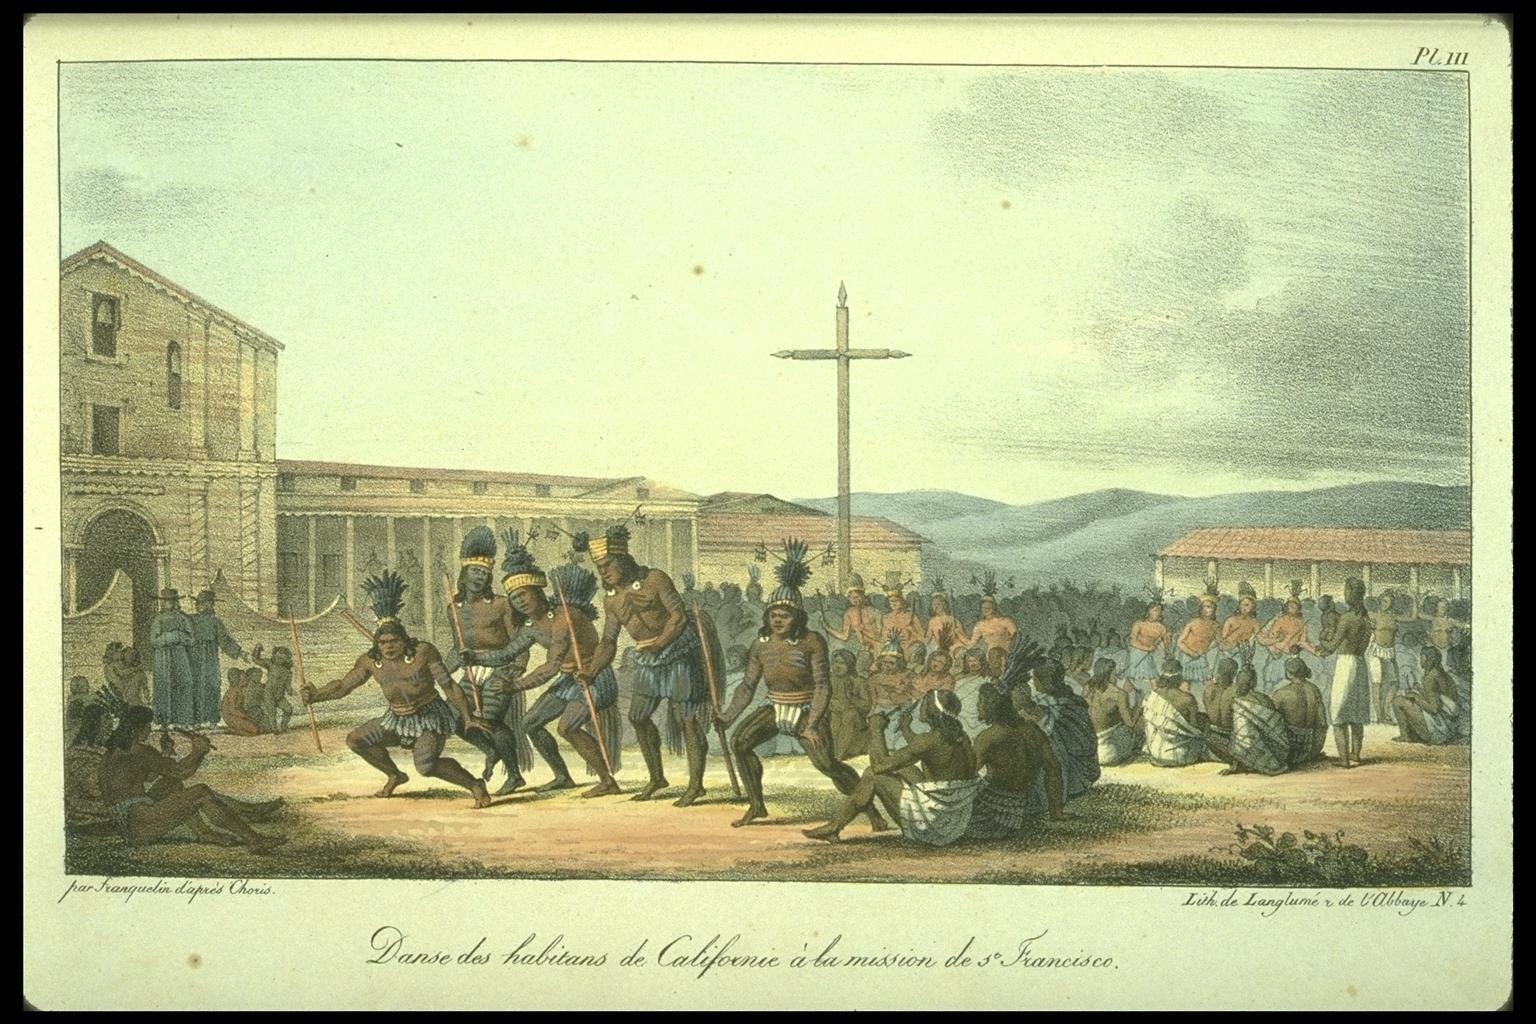 Danza de los californianos, frente a la Misión de San Francisco de Asís (Misión Dolores), en un dibujo de Louis Choris (1815).